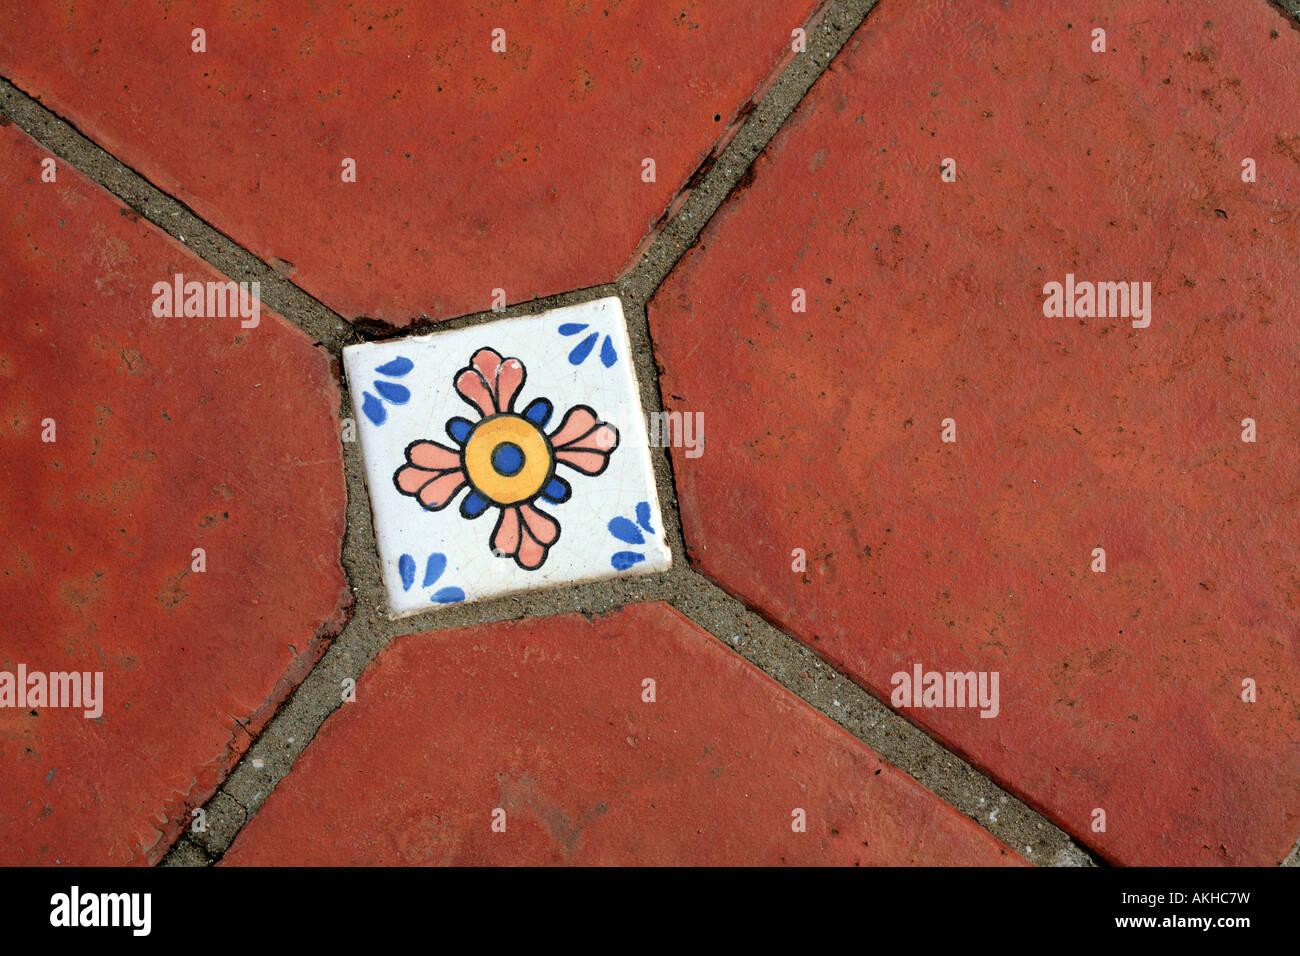 Piastrelle decorative in un pavimento esterno foto immagine